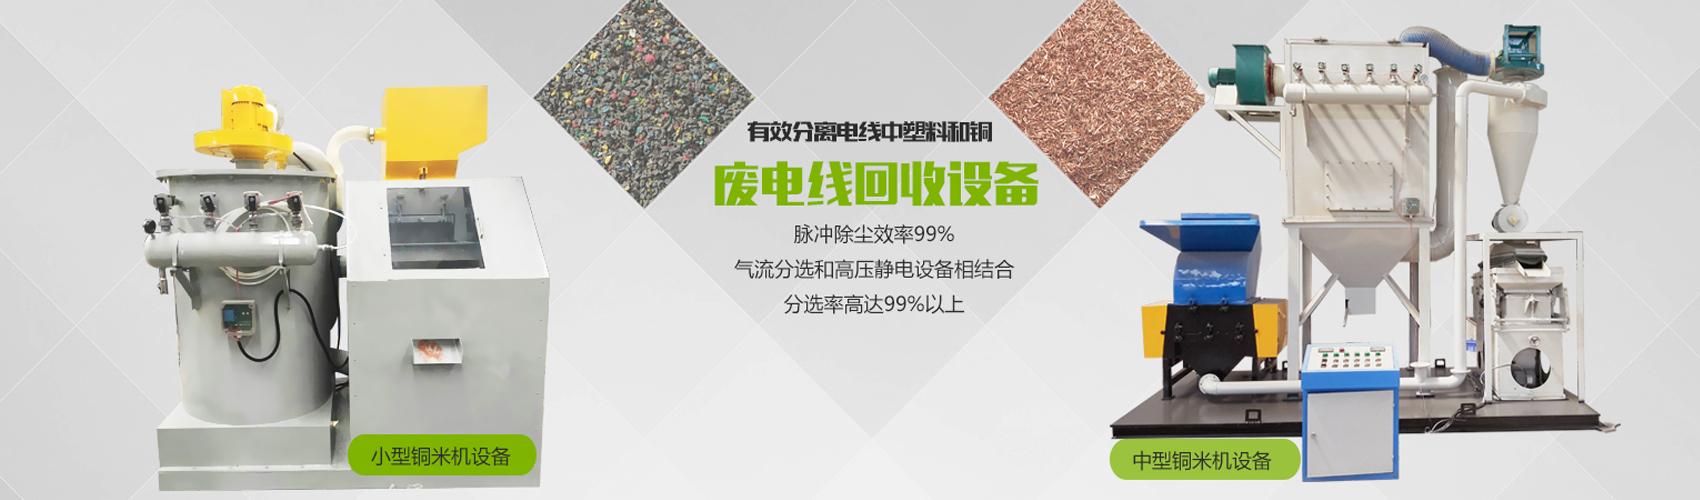 凤凰彩票网废电线电缆回收设备